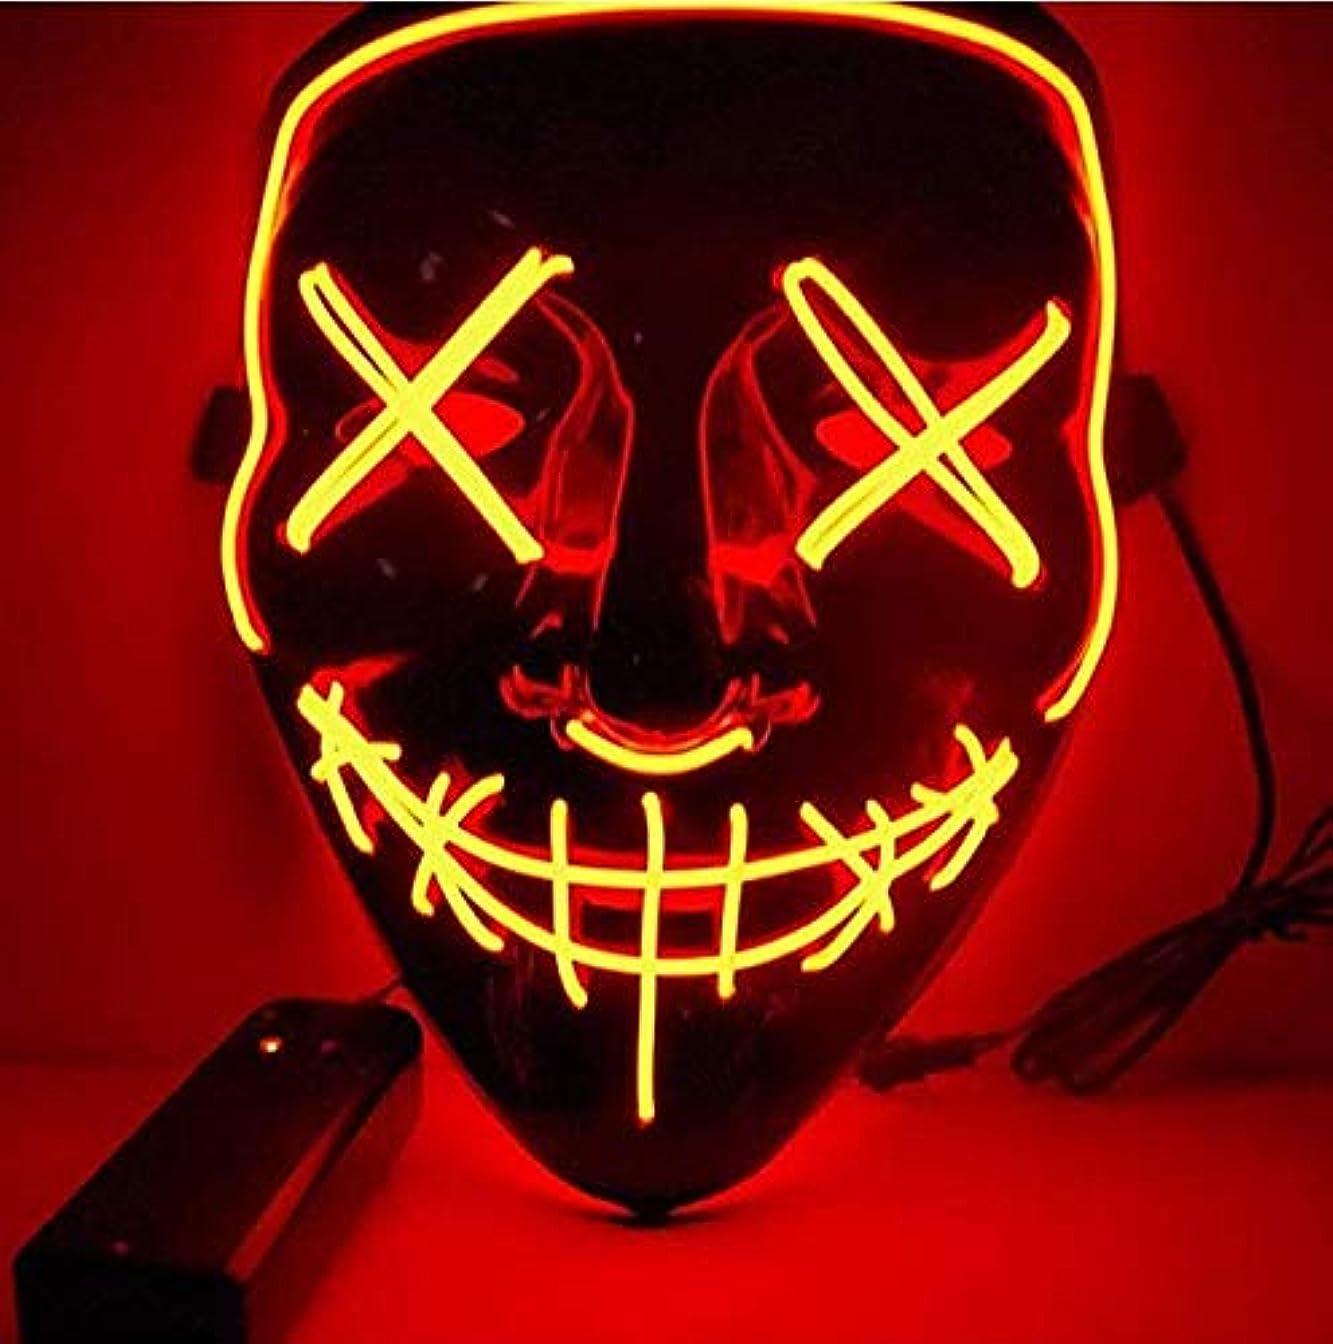 警官強い胚ハロウィンマスクLEDライトアップパーティーマスクコスプレコスチュームサプライ暗闇で光る (Color : PURPLE)